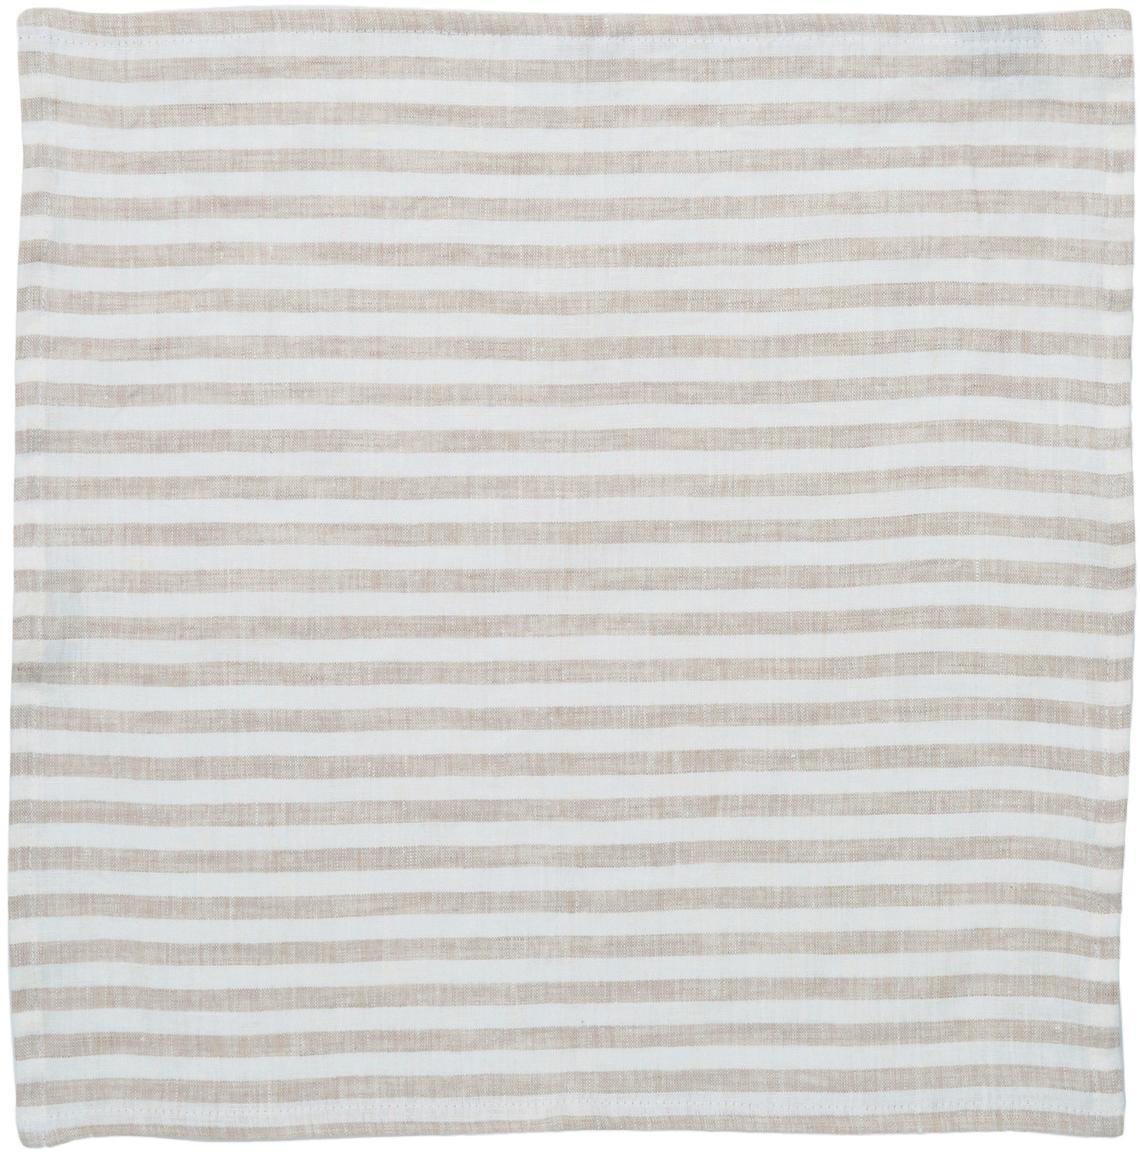 Linnen servetten Solami, 6 stuks, Linnen, Beige, wit, 46 x 46 cm